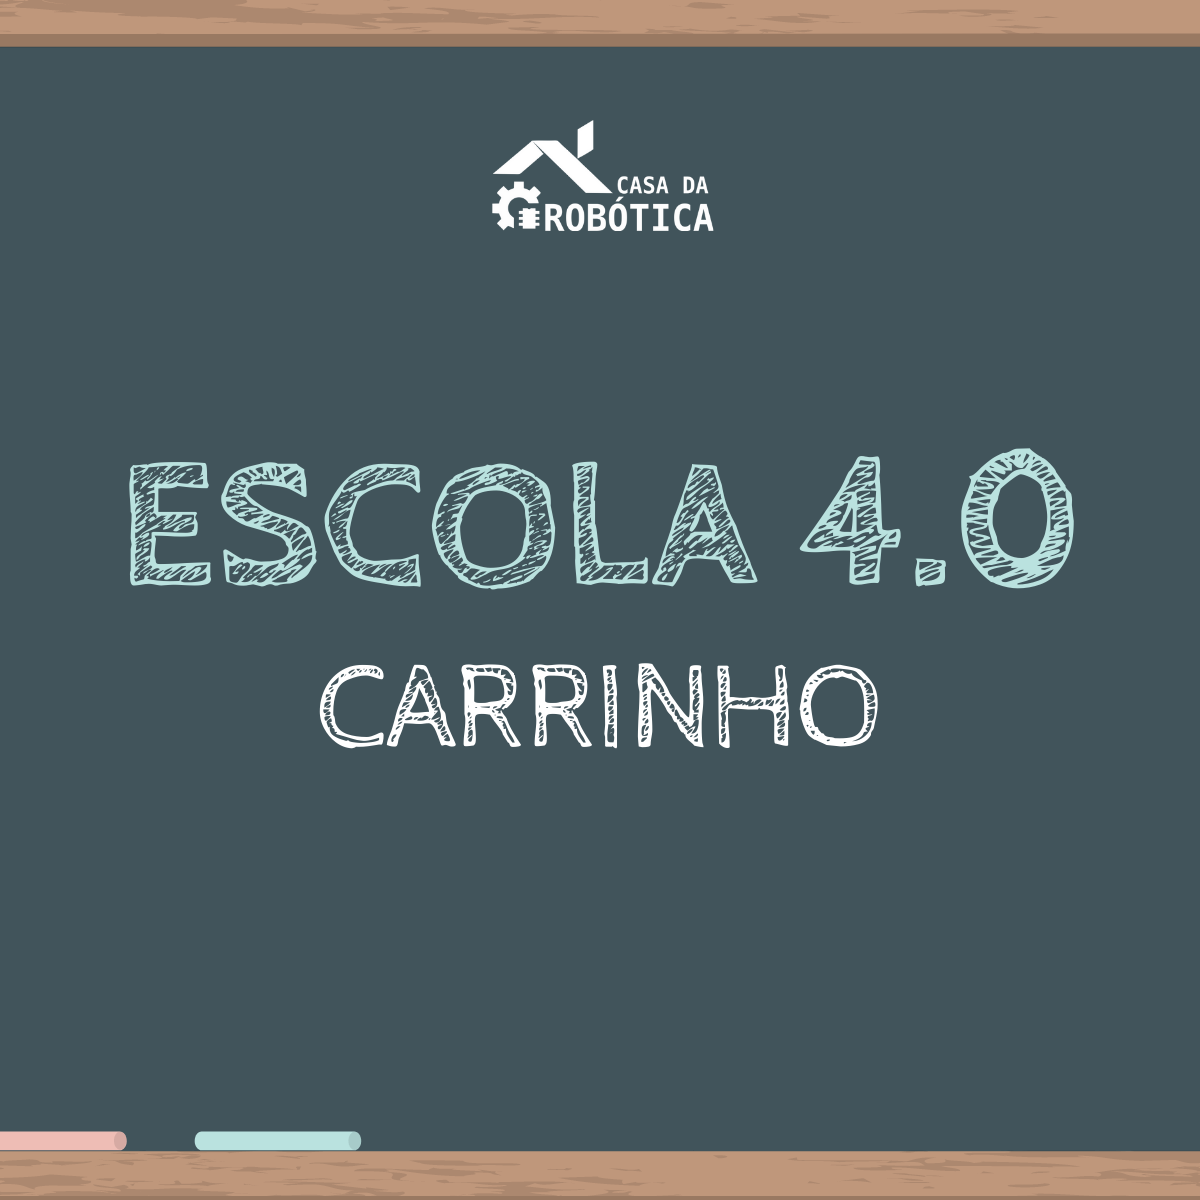 KIT Carrinho Robô - Escola 4.0